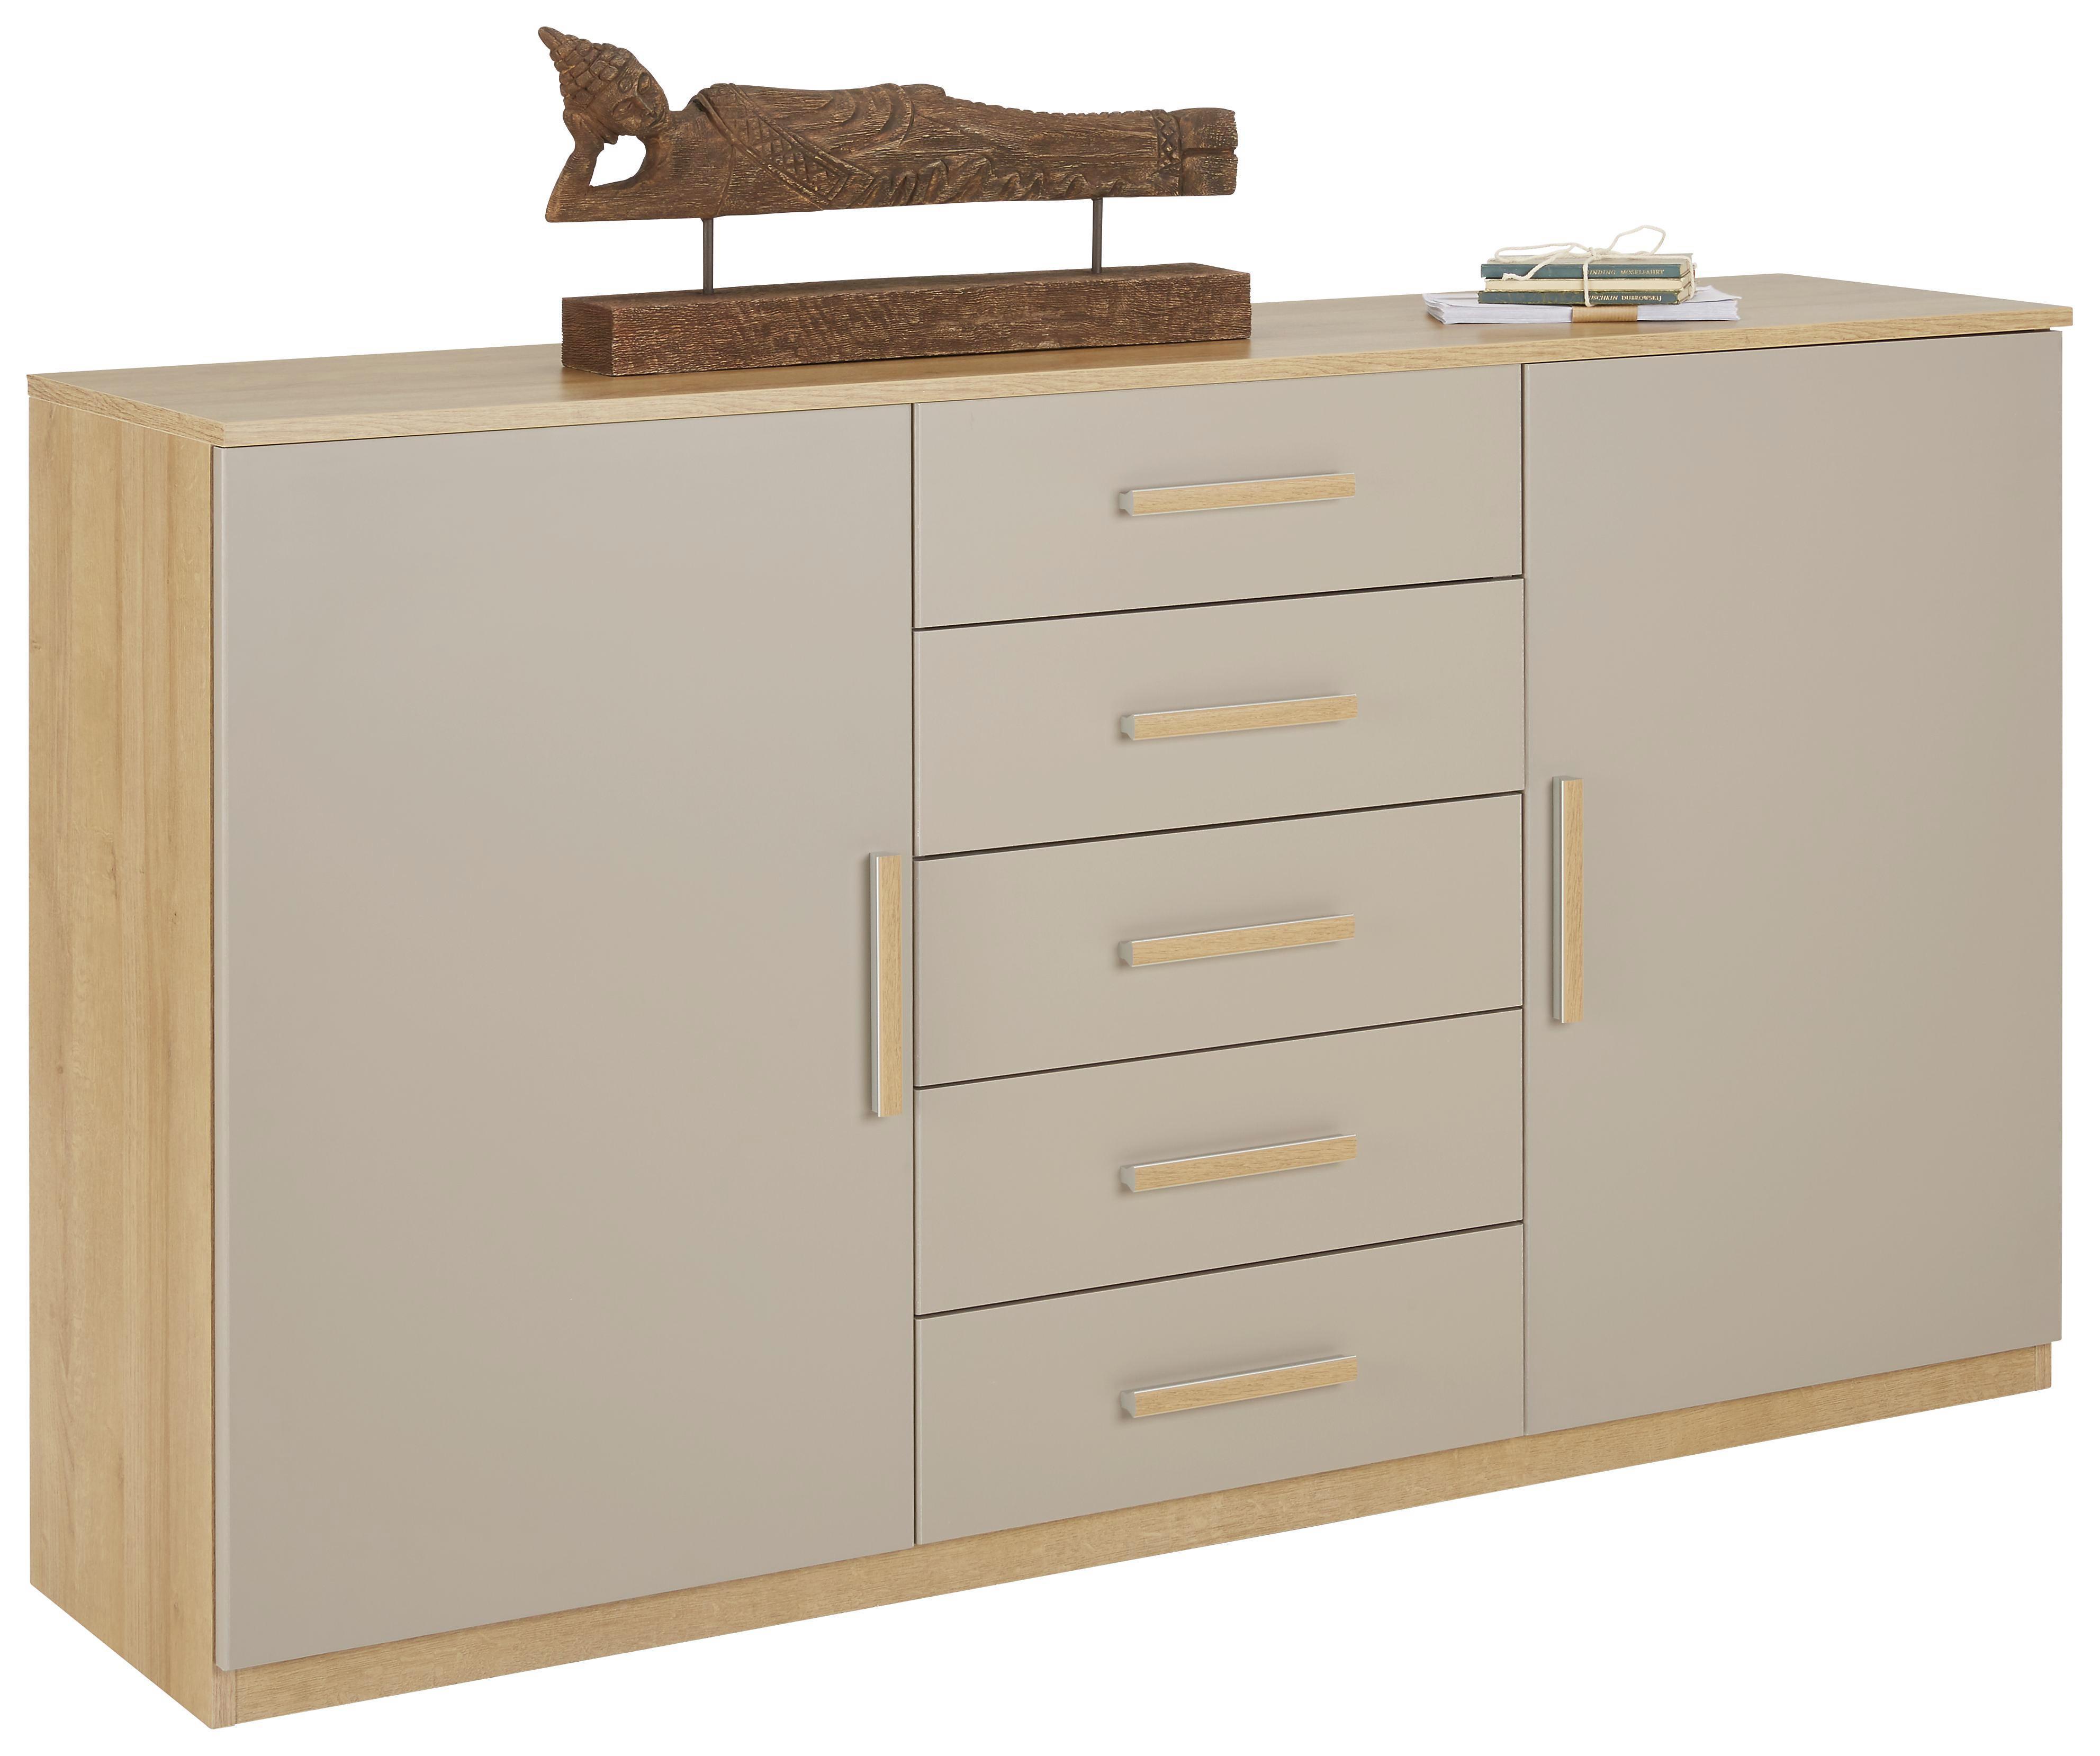 Kommode in Eiche/Fango - Eichefarben/Alufarben, KONVENTIONELL, Holzwerkstoff/Kunststoff (149/86/37cm) - MODERN LIVING